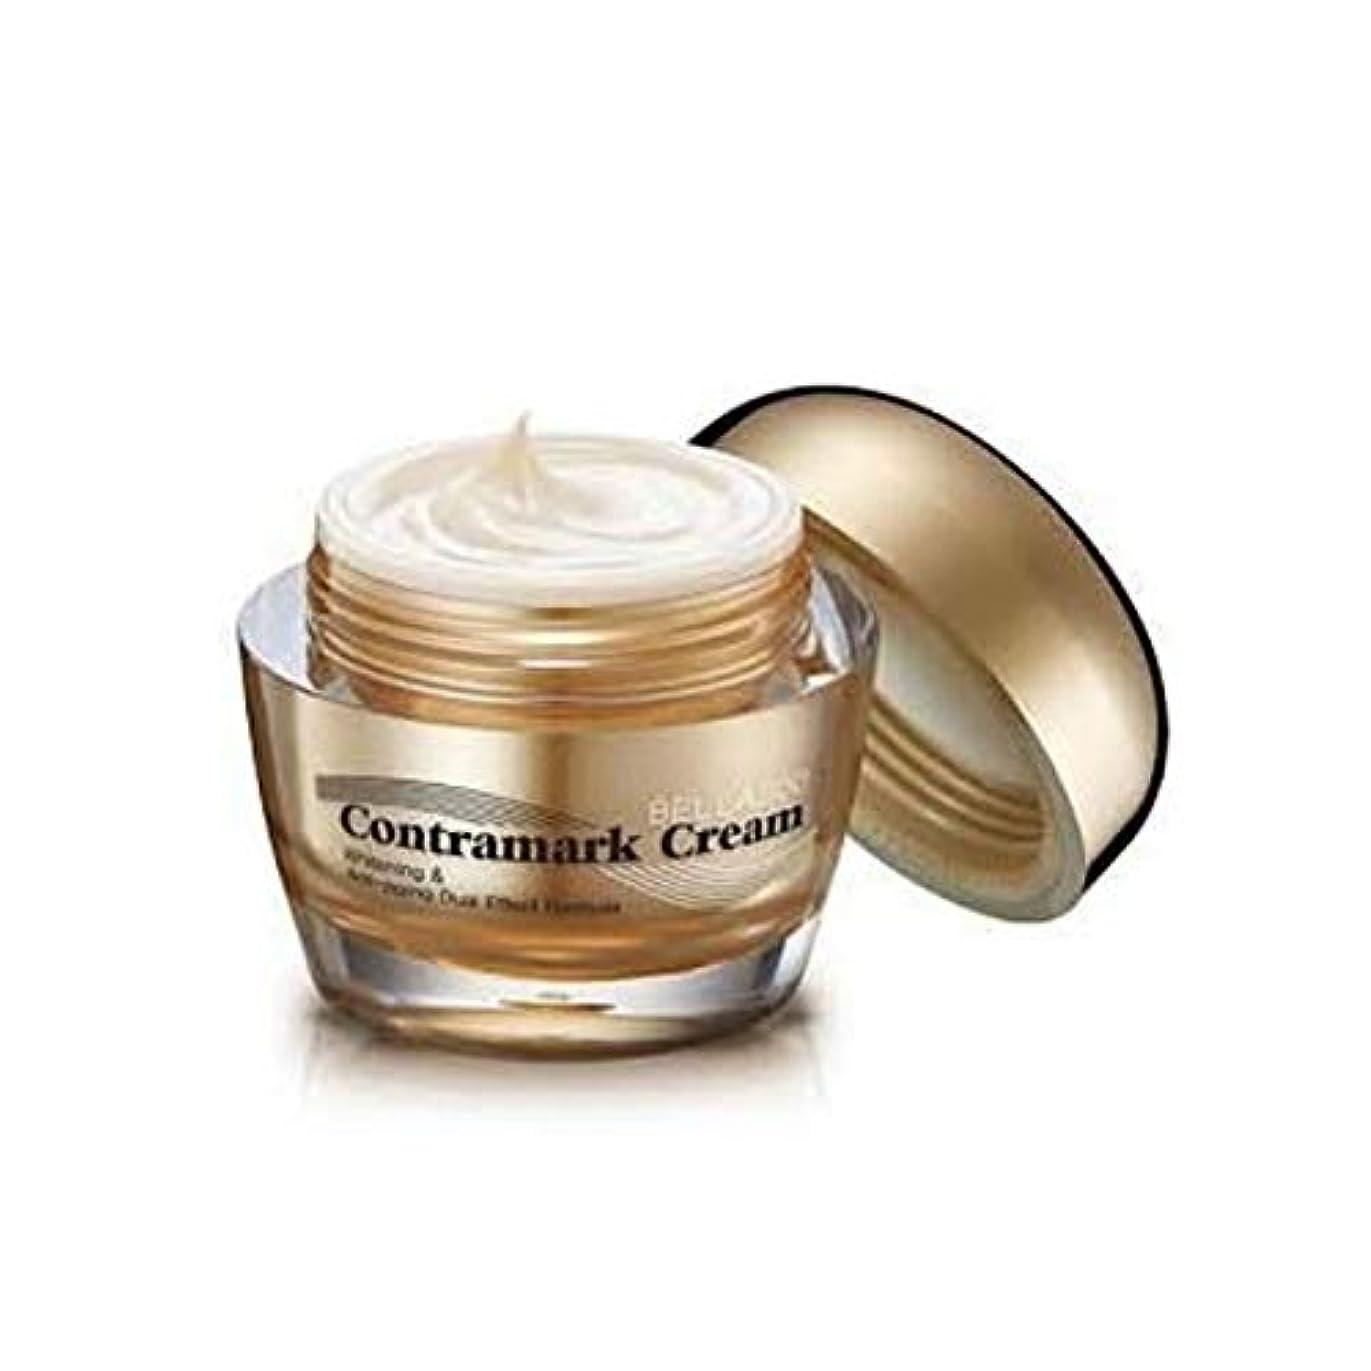 船威信明快鍾根堂ベラシュコントラマーククリーム30gシミ?ソバカス韓国コスメ、Chong Kun Dang Bellasoo Contramark Cream 30g Melasma Cream Korean Cosmetics...